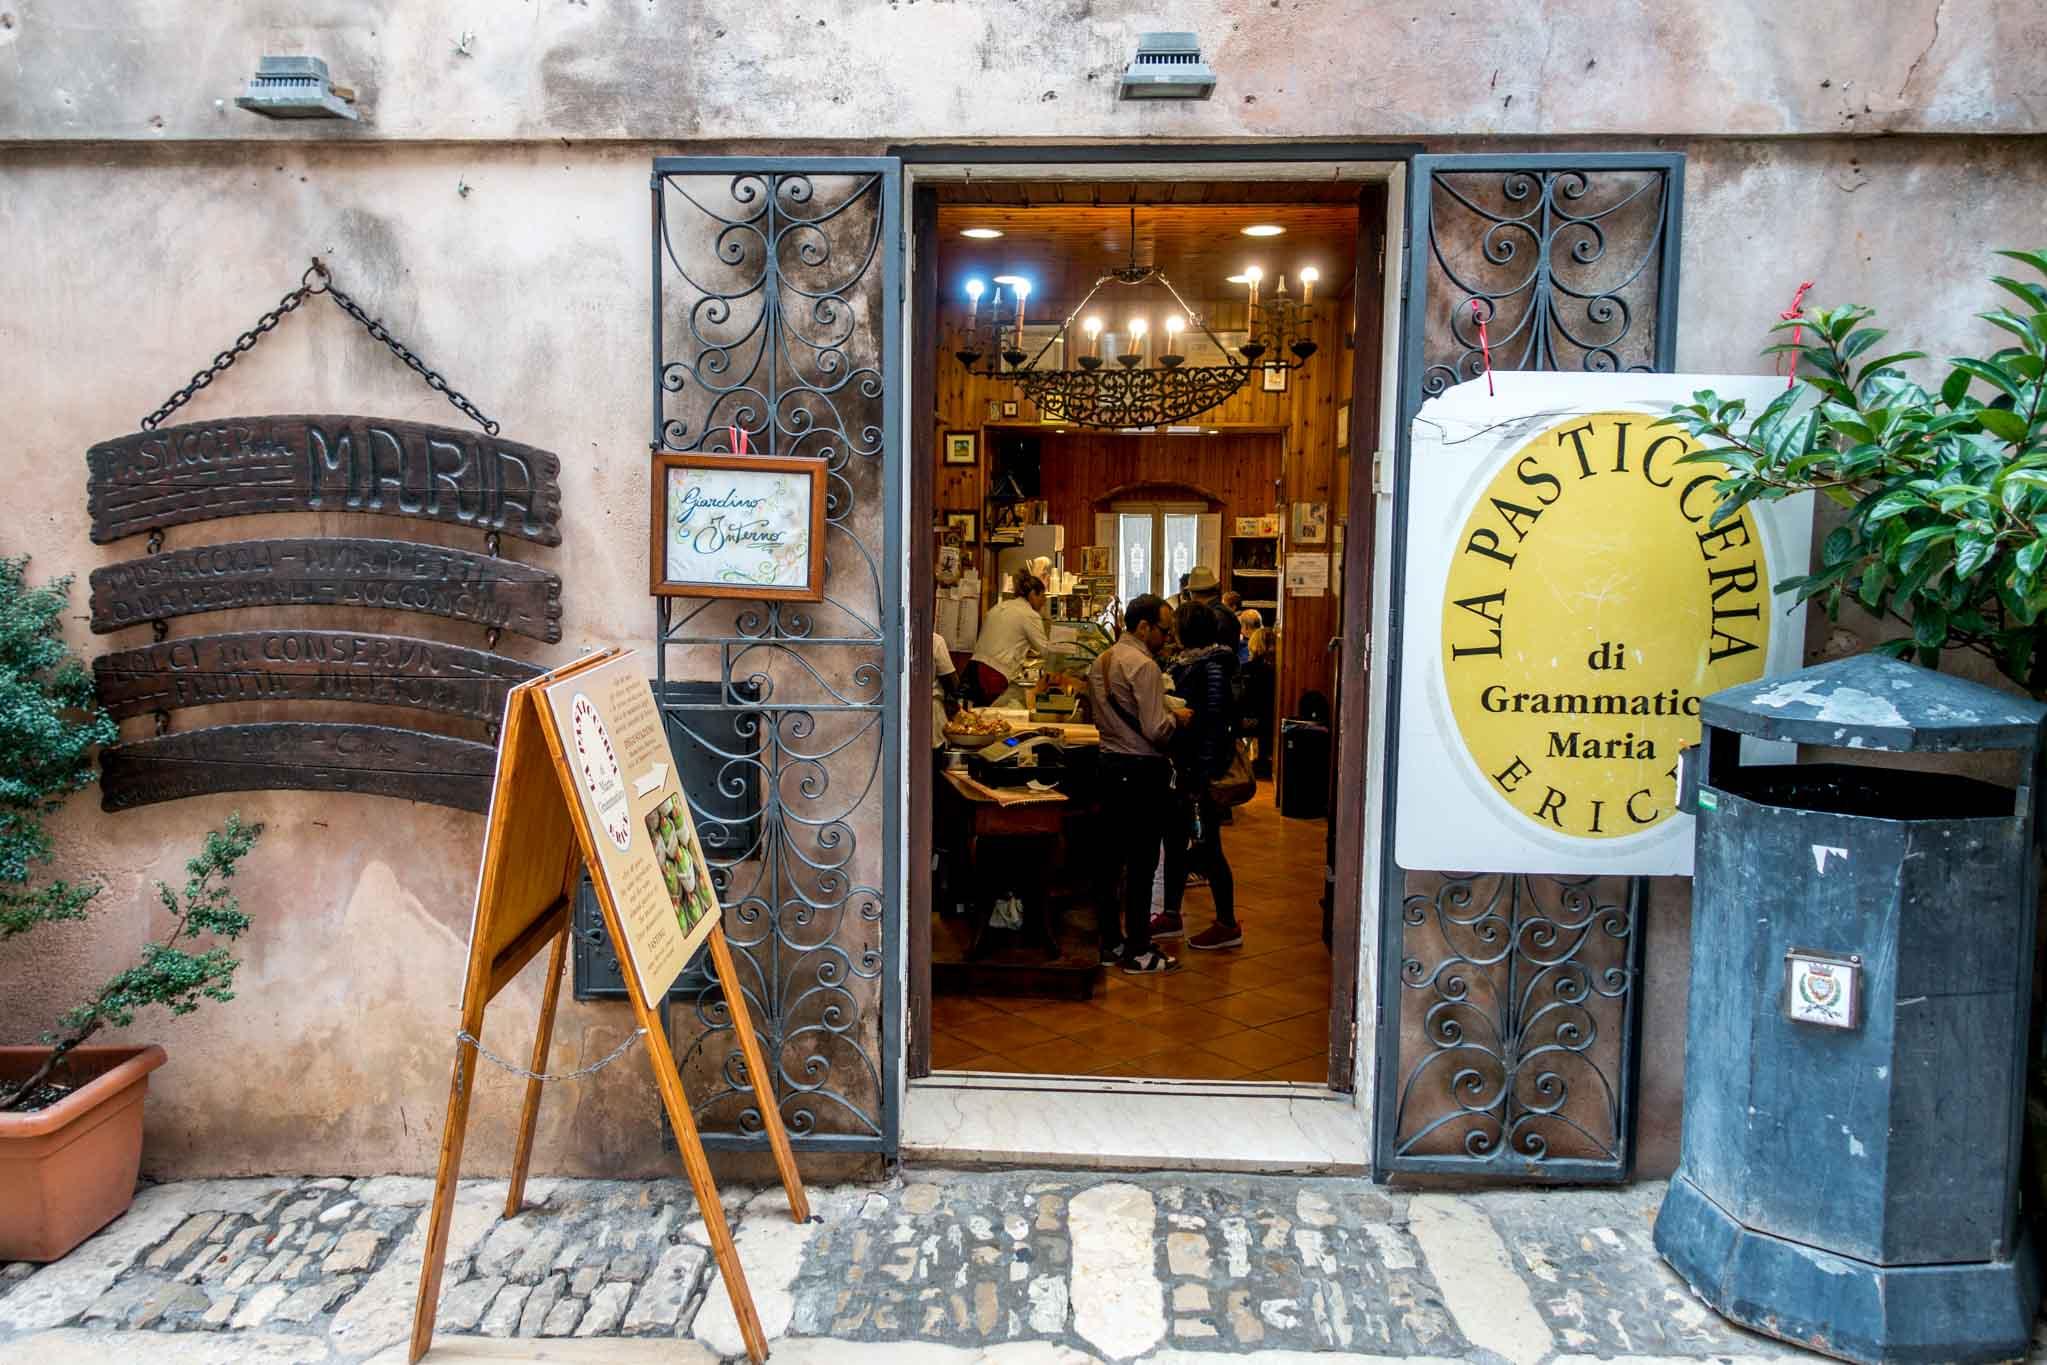 Exterior of Maria Grammatico pastry shop